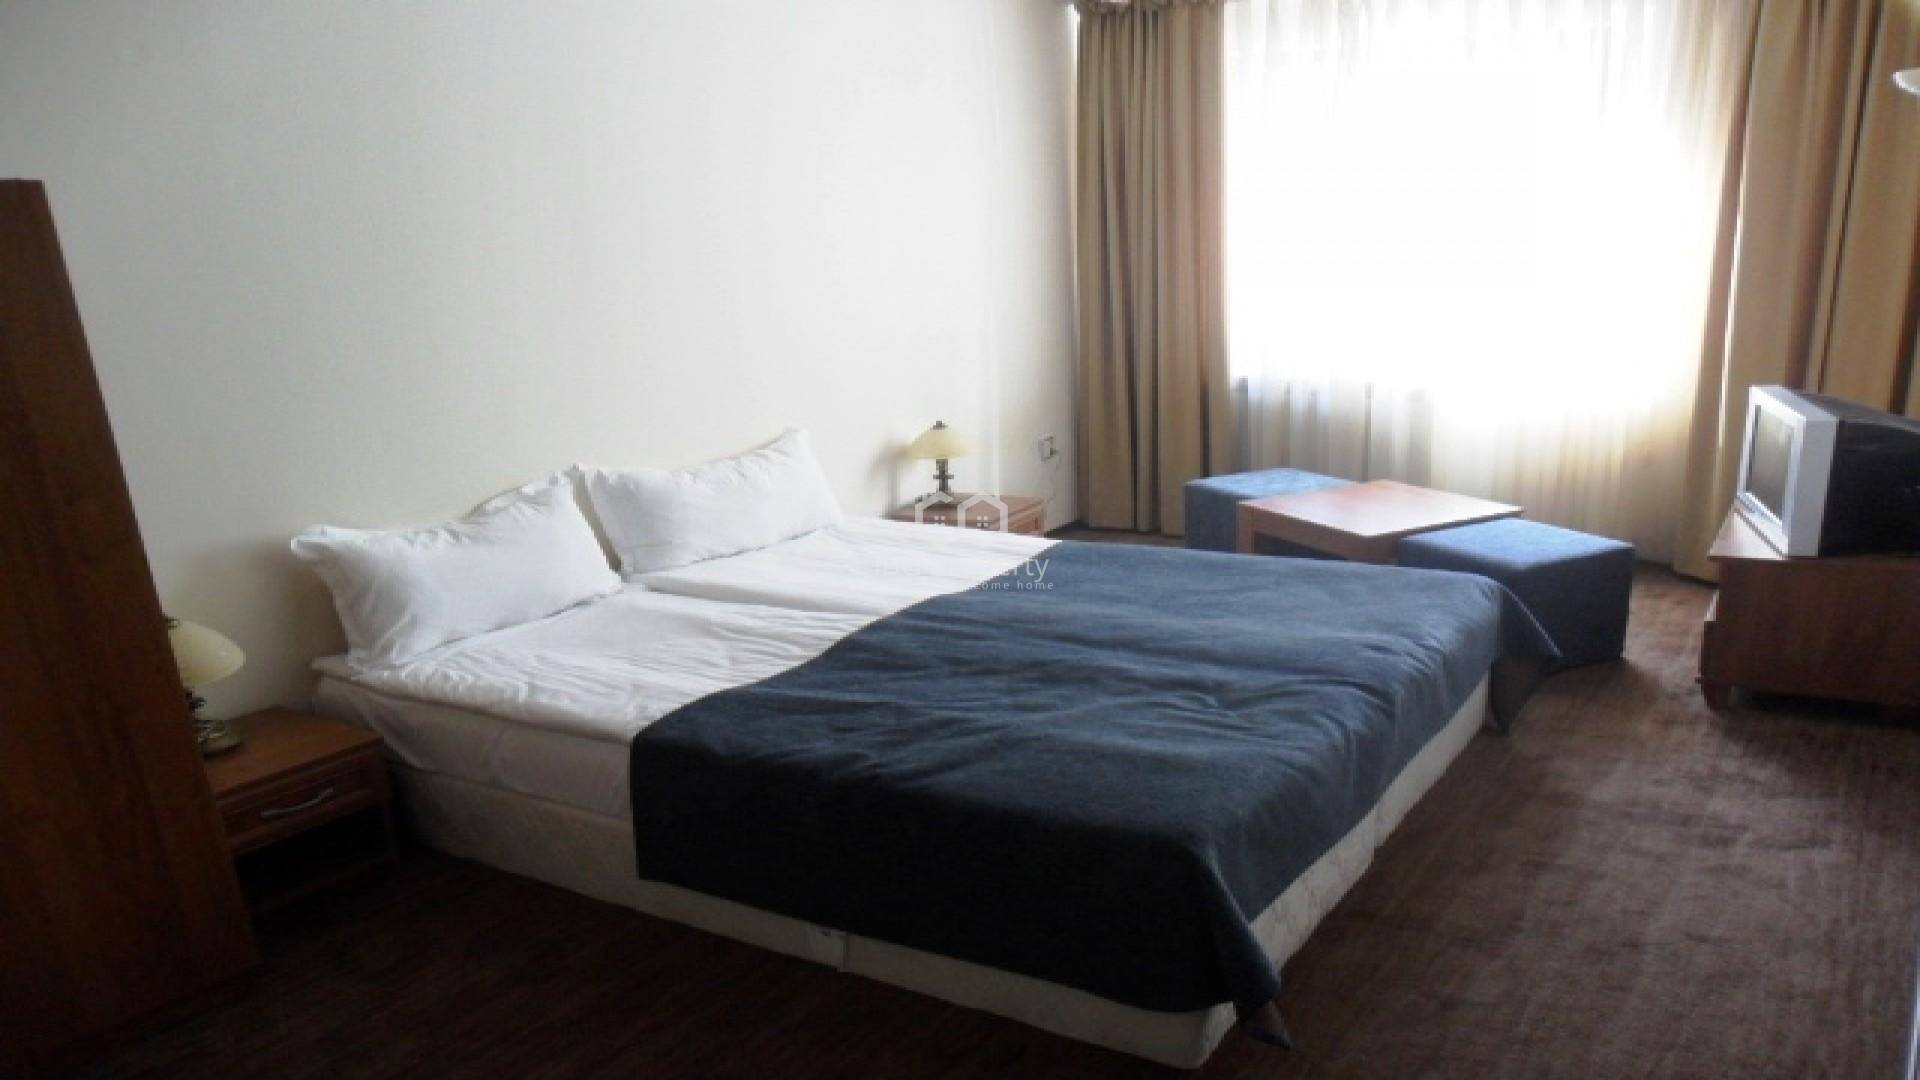 Einzimmerwohnung in Bansko 41 m2